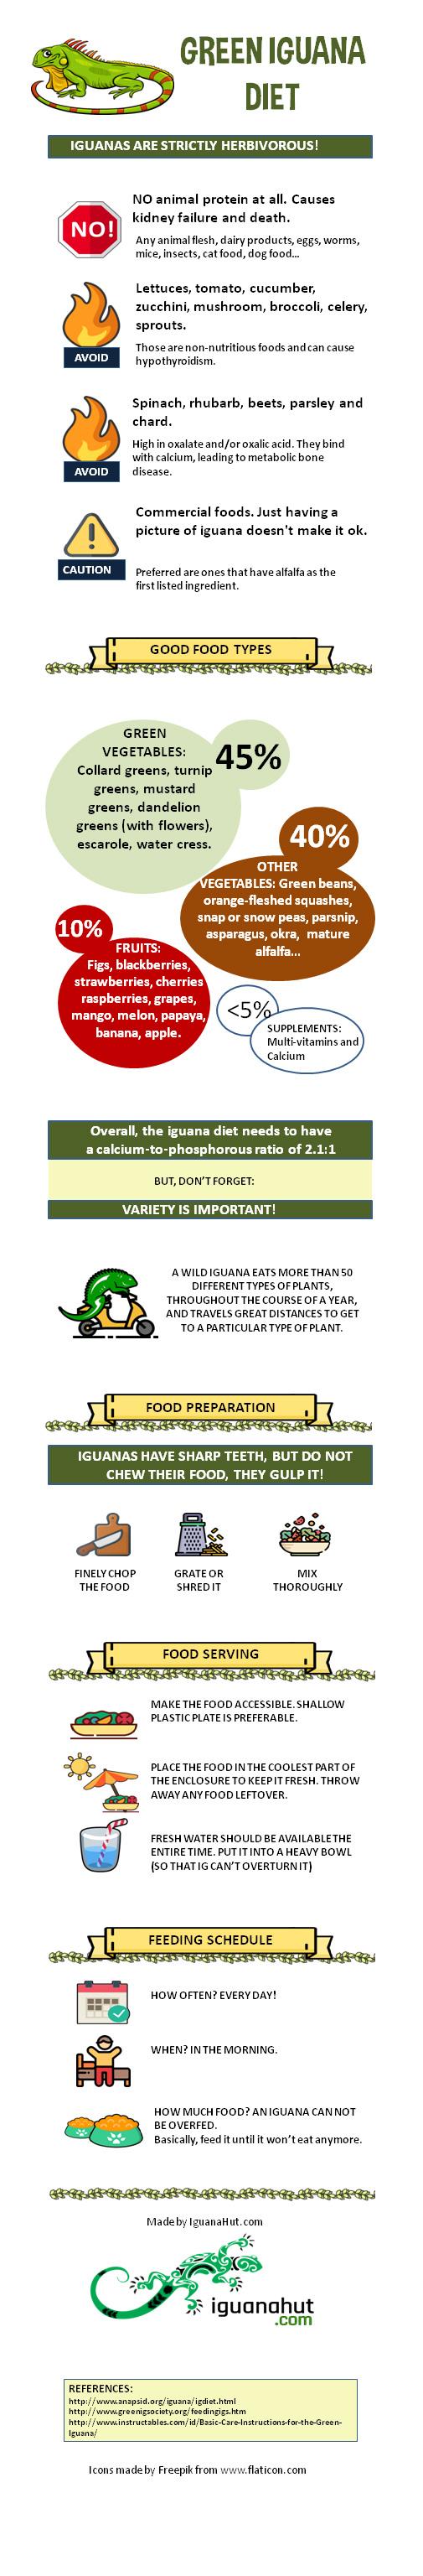 Infographic about Iguana feeding